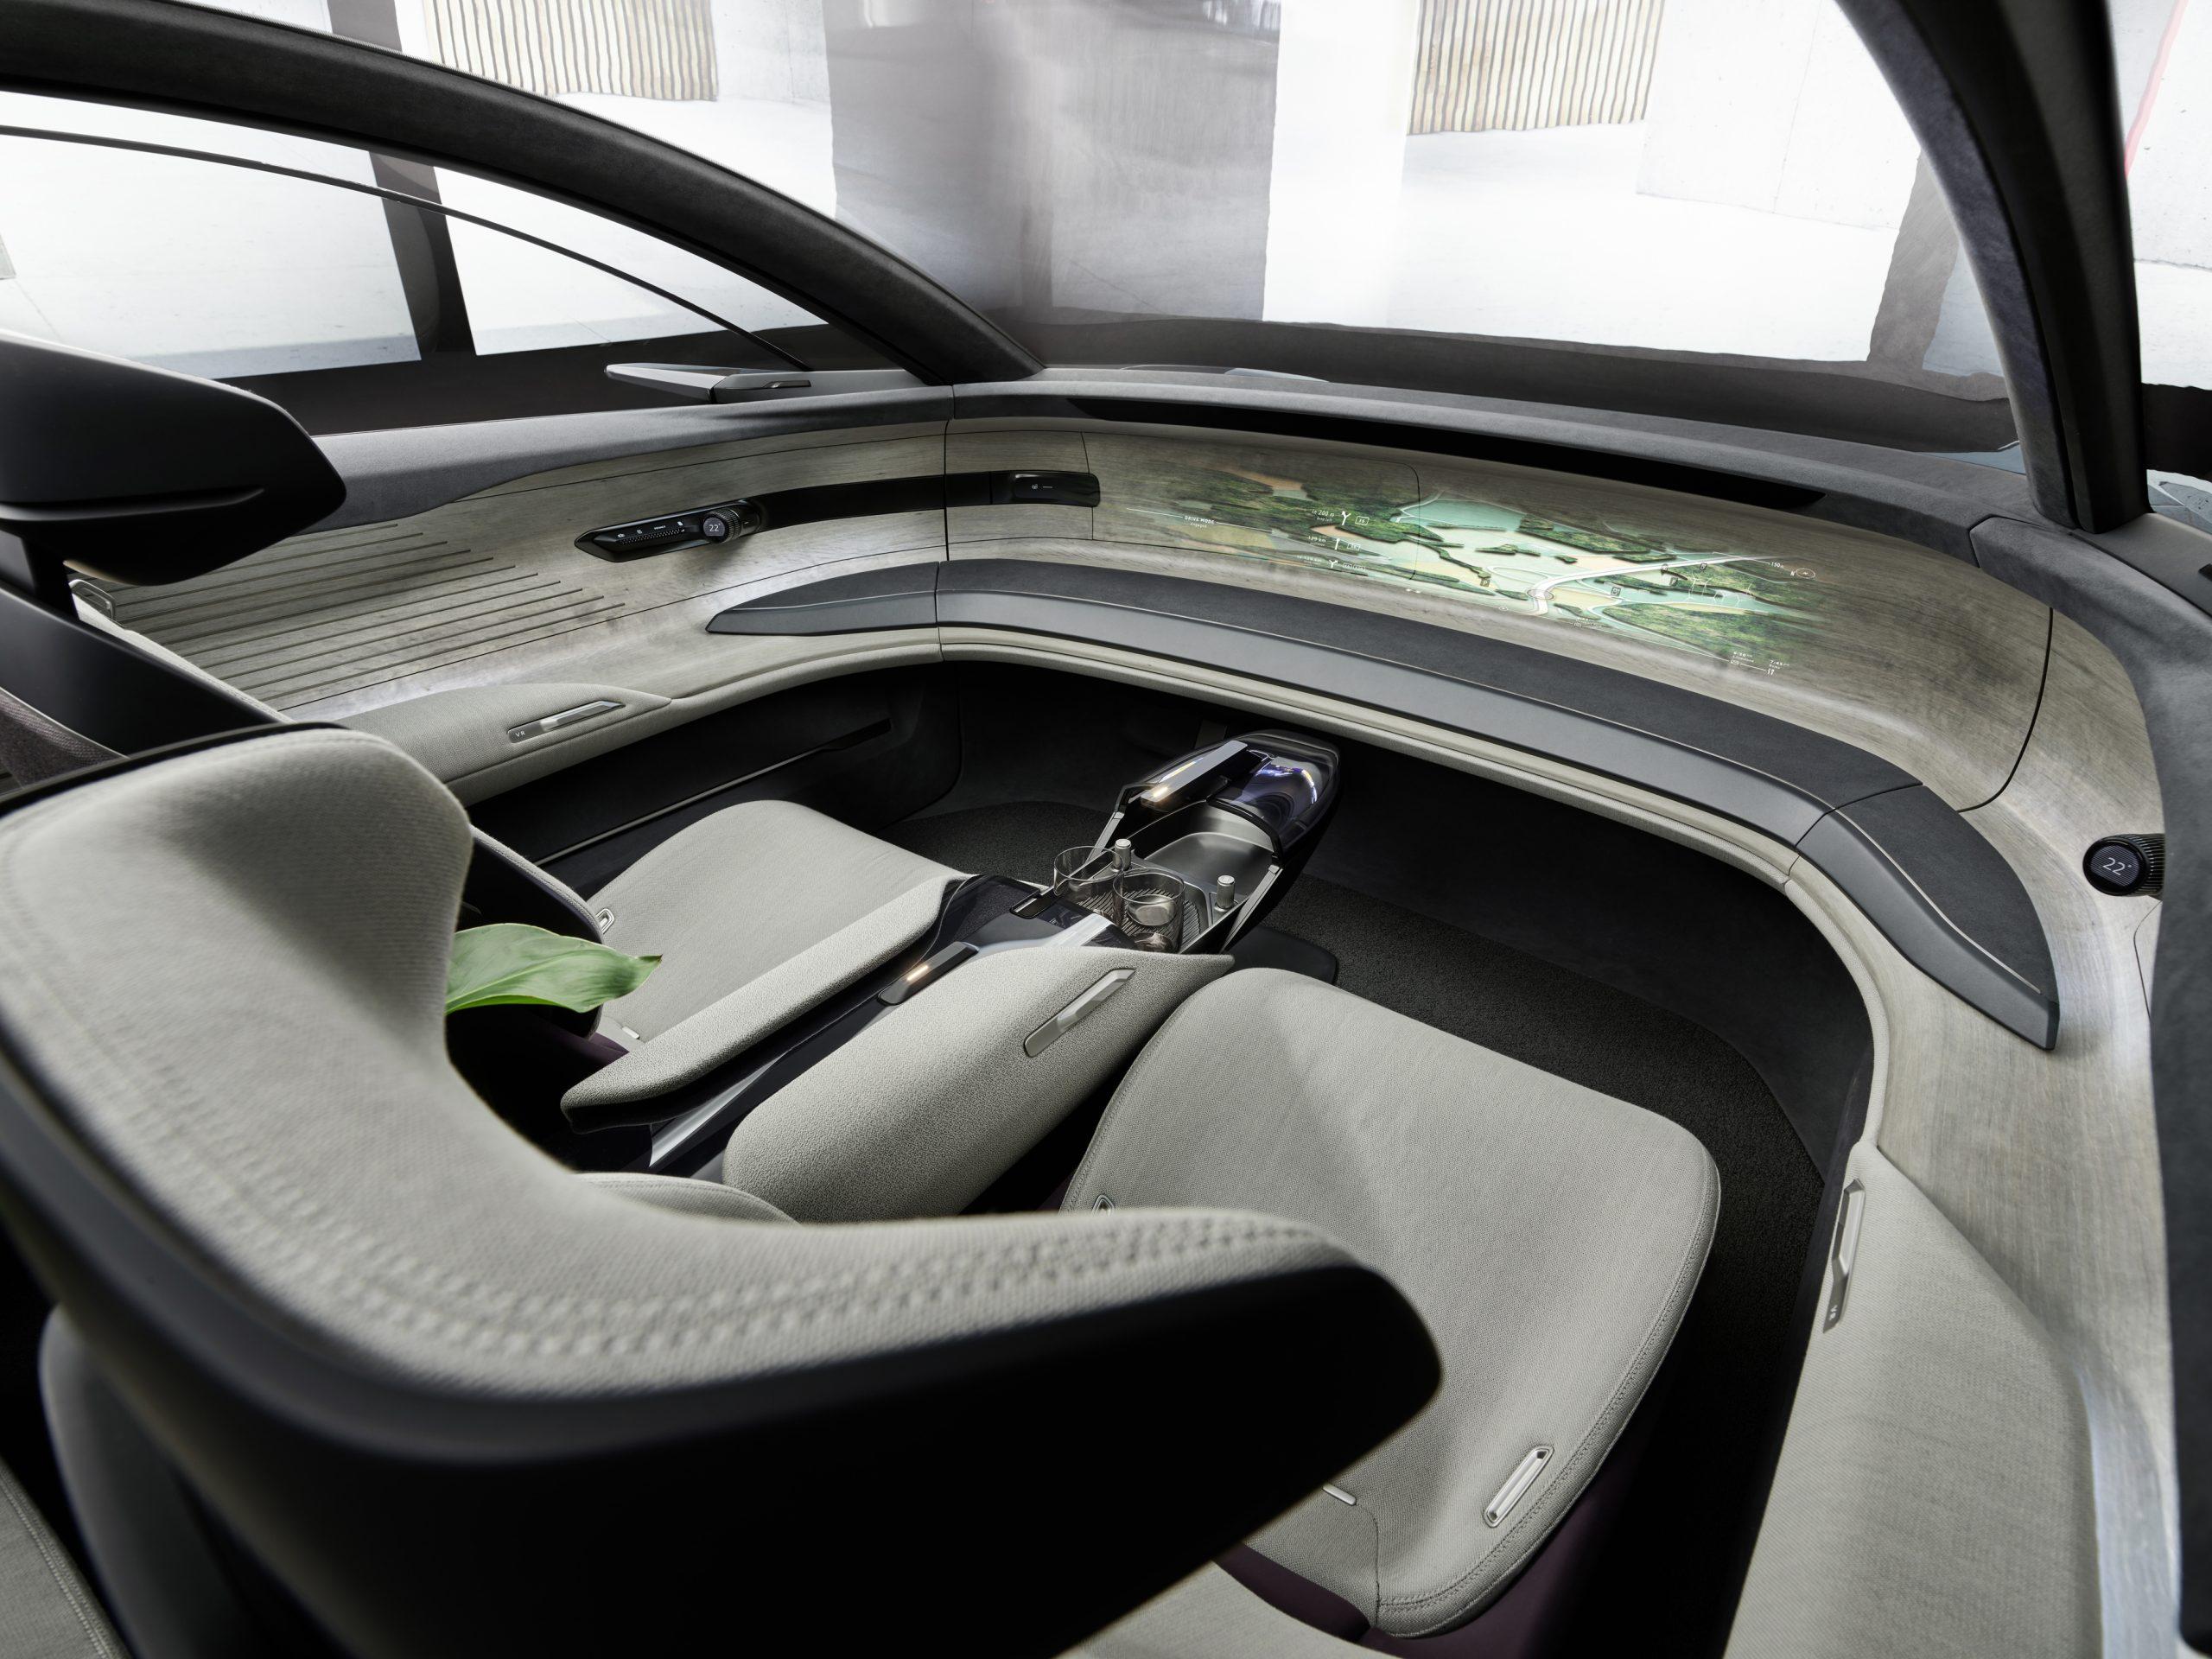 Audi Grand Sphere interior 1